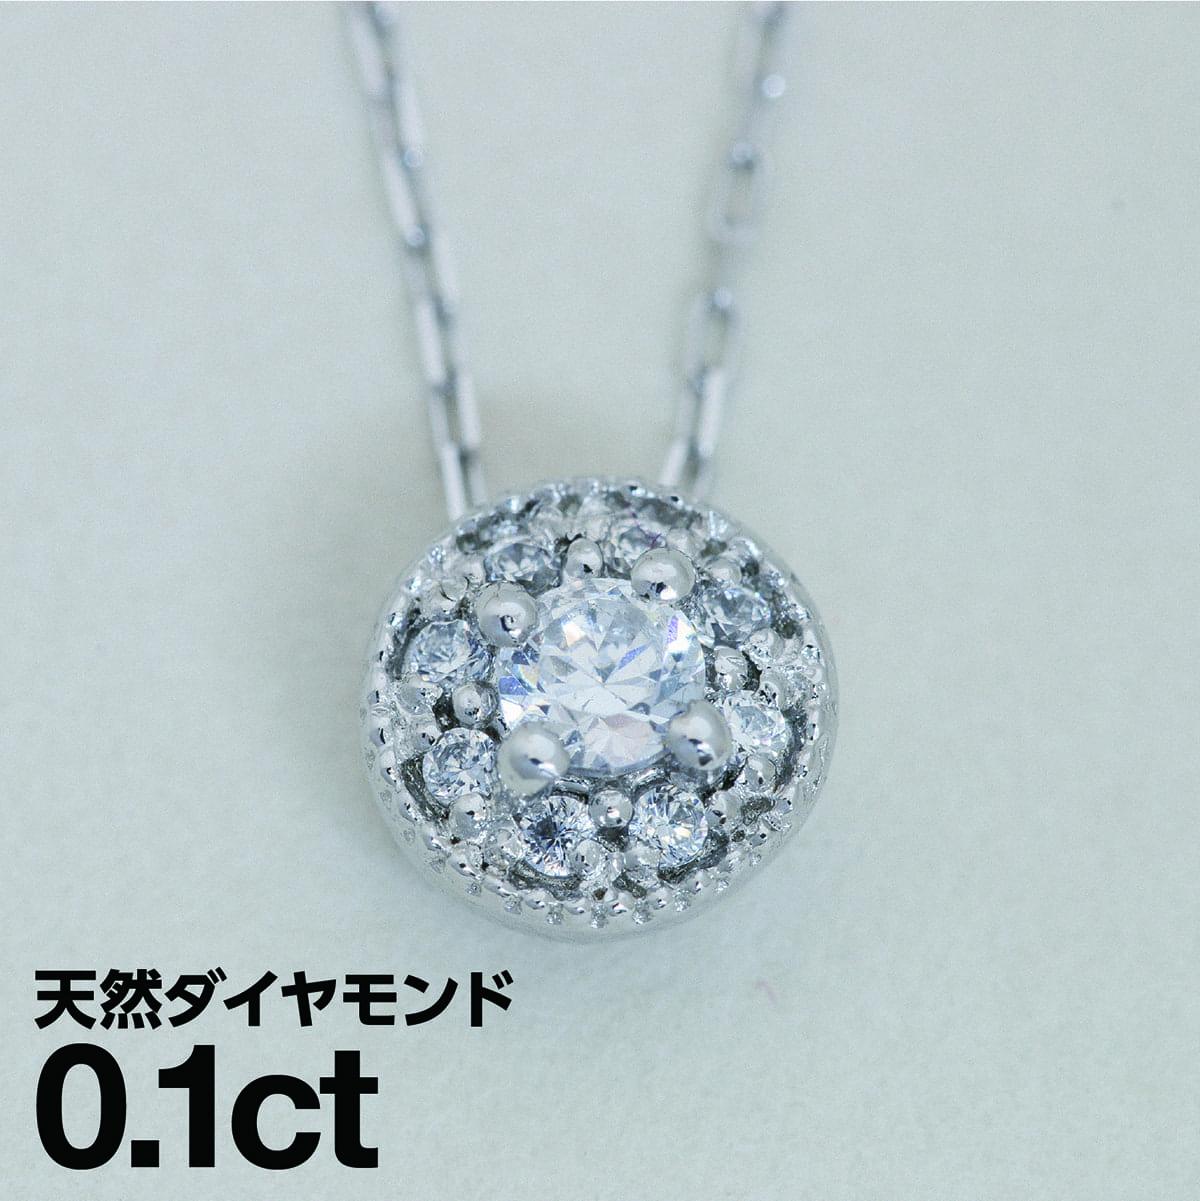 ダイヤモンド ネックレス プラチナ900 品質保証書 金属アレルギー 日本製 誕生日 ギフト